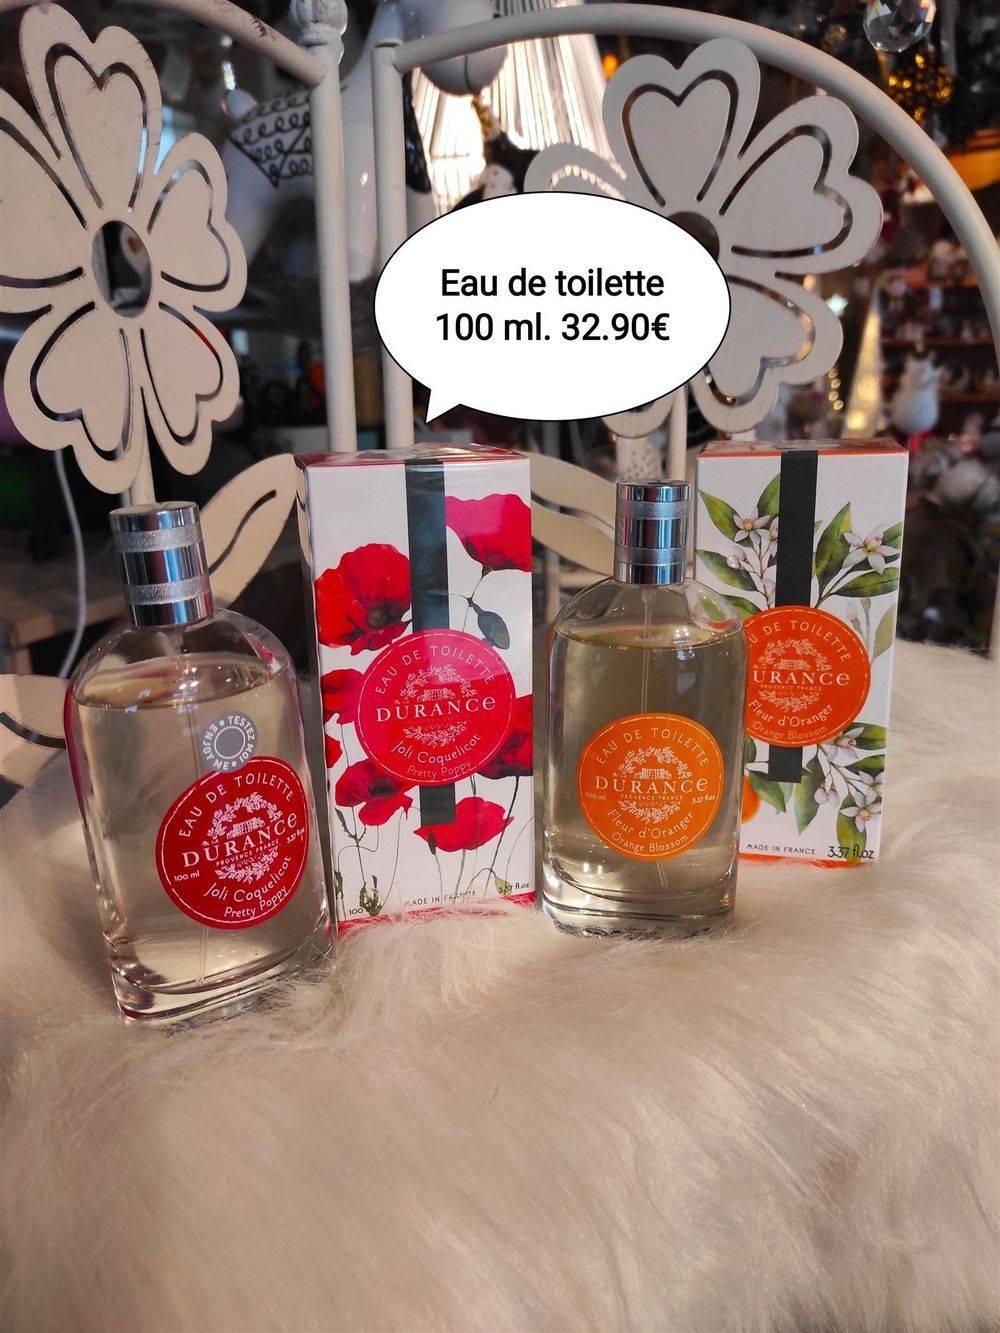 EAU DE TOILETTE naturelle 100 ML Parfums :  Fleur d'oranger Joli Coquelicot